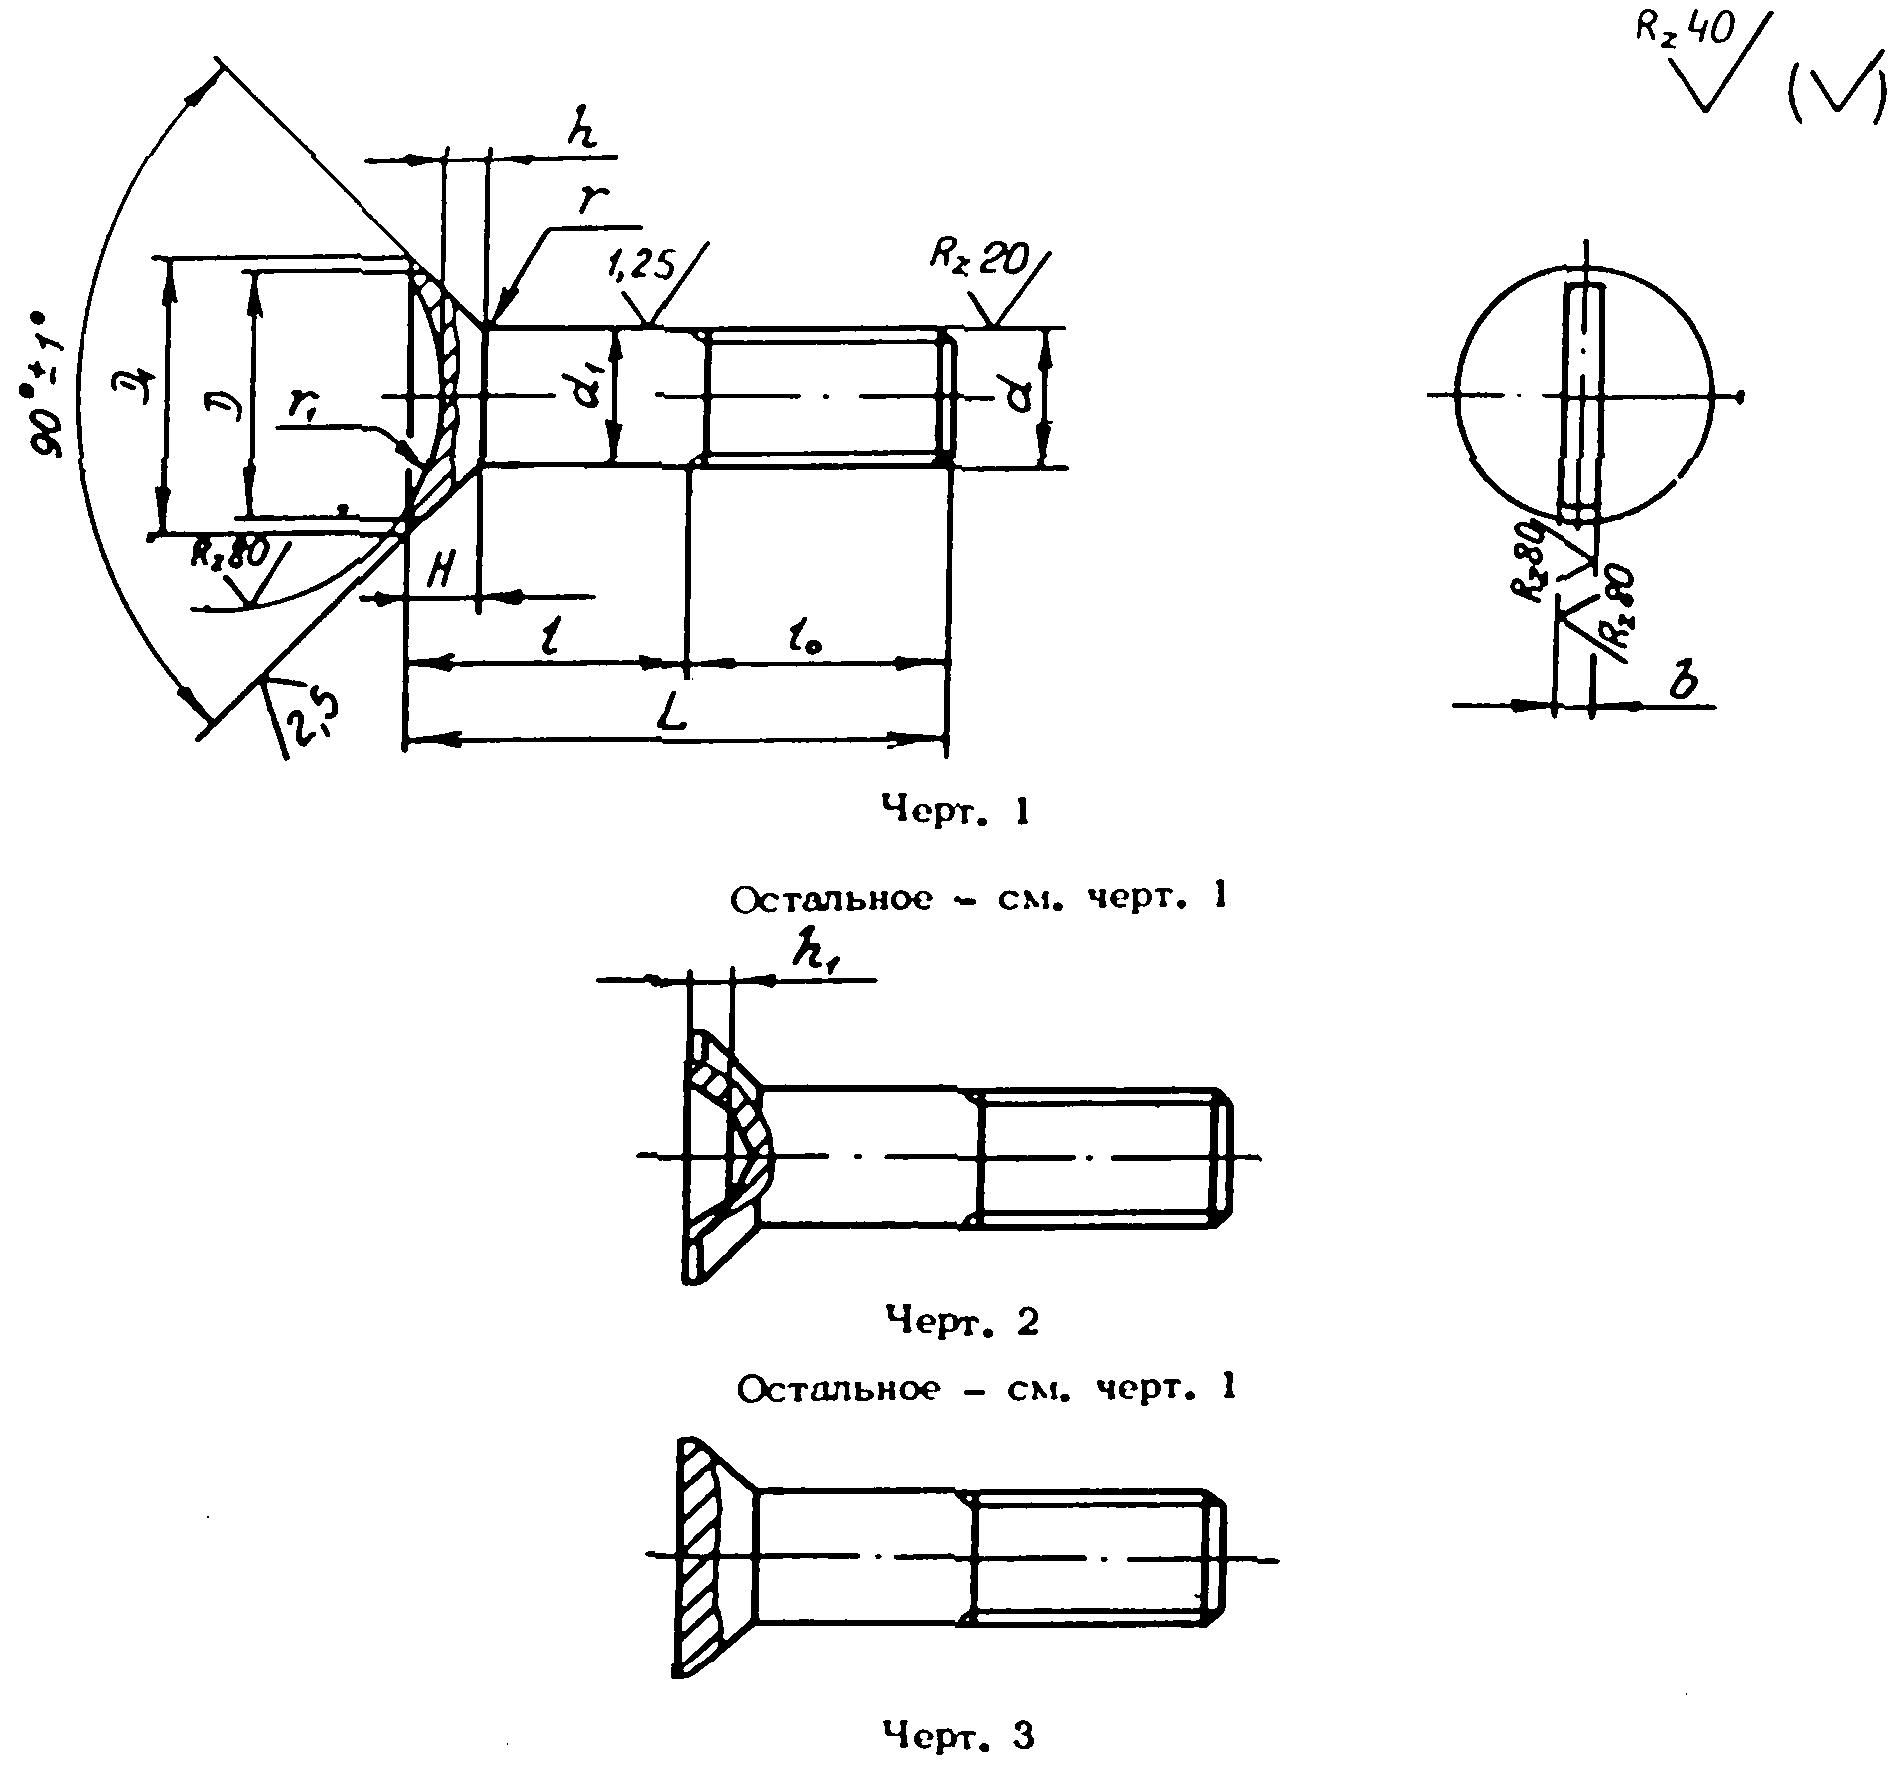 ОСТ 1 31 (189…191)-80 Болты с потайной головкой углом 90° с полем допуска диаметра стержня p6